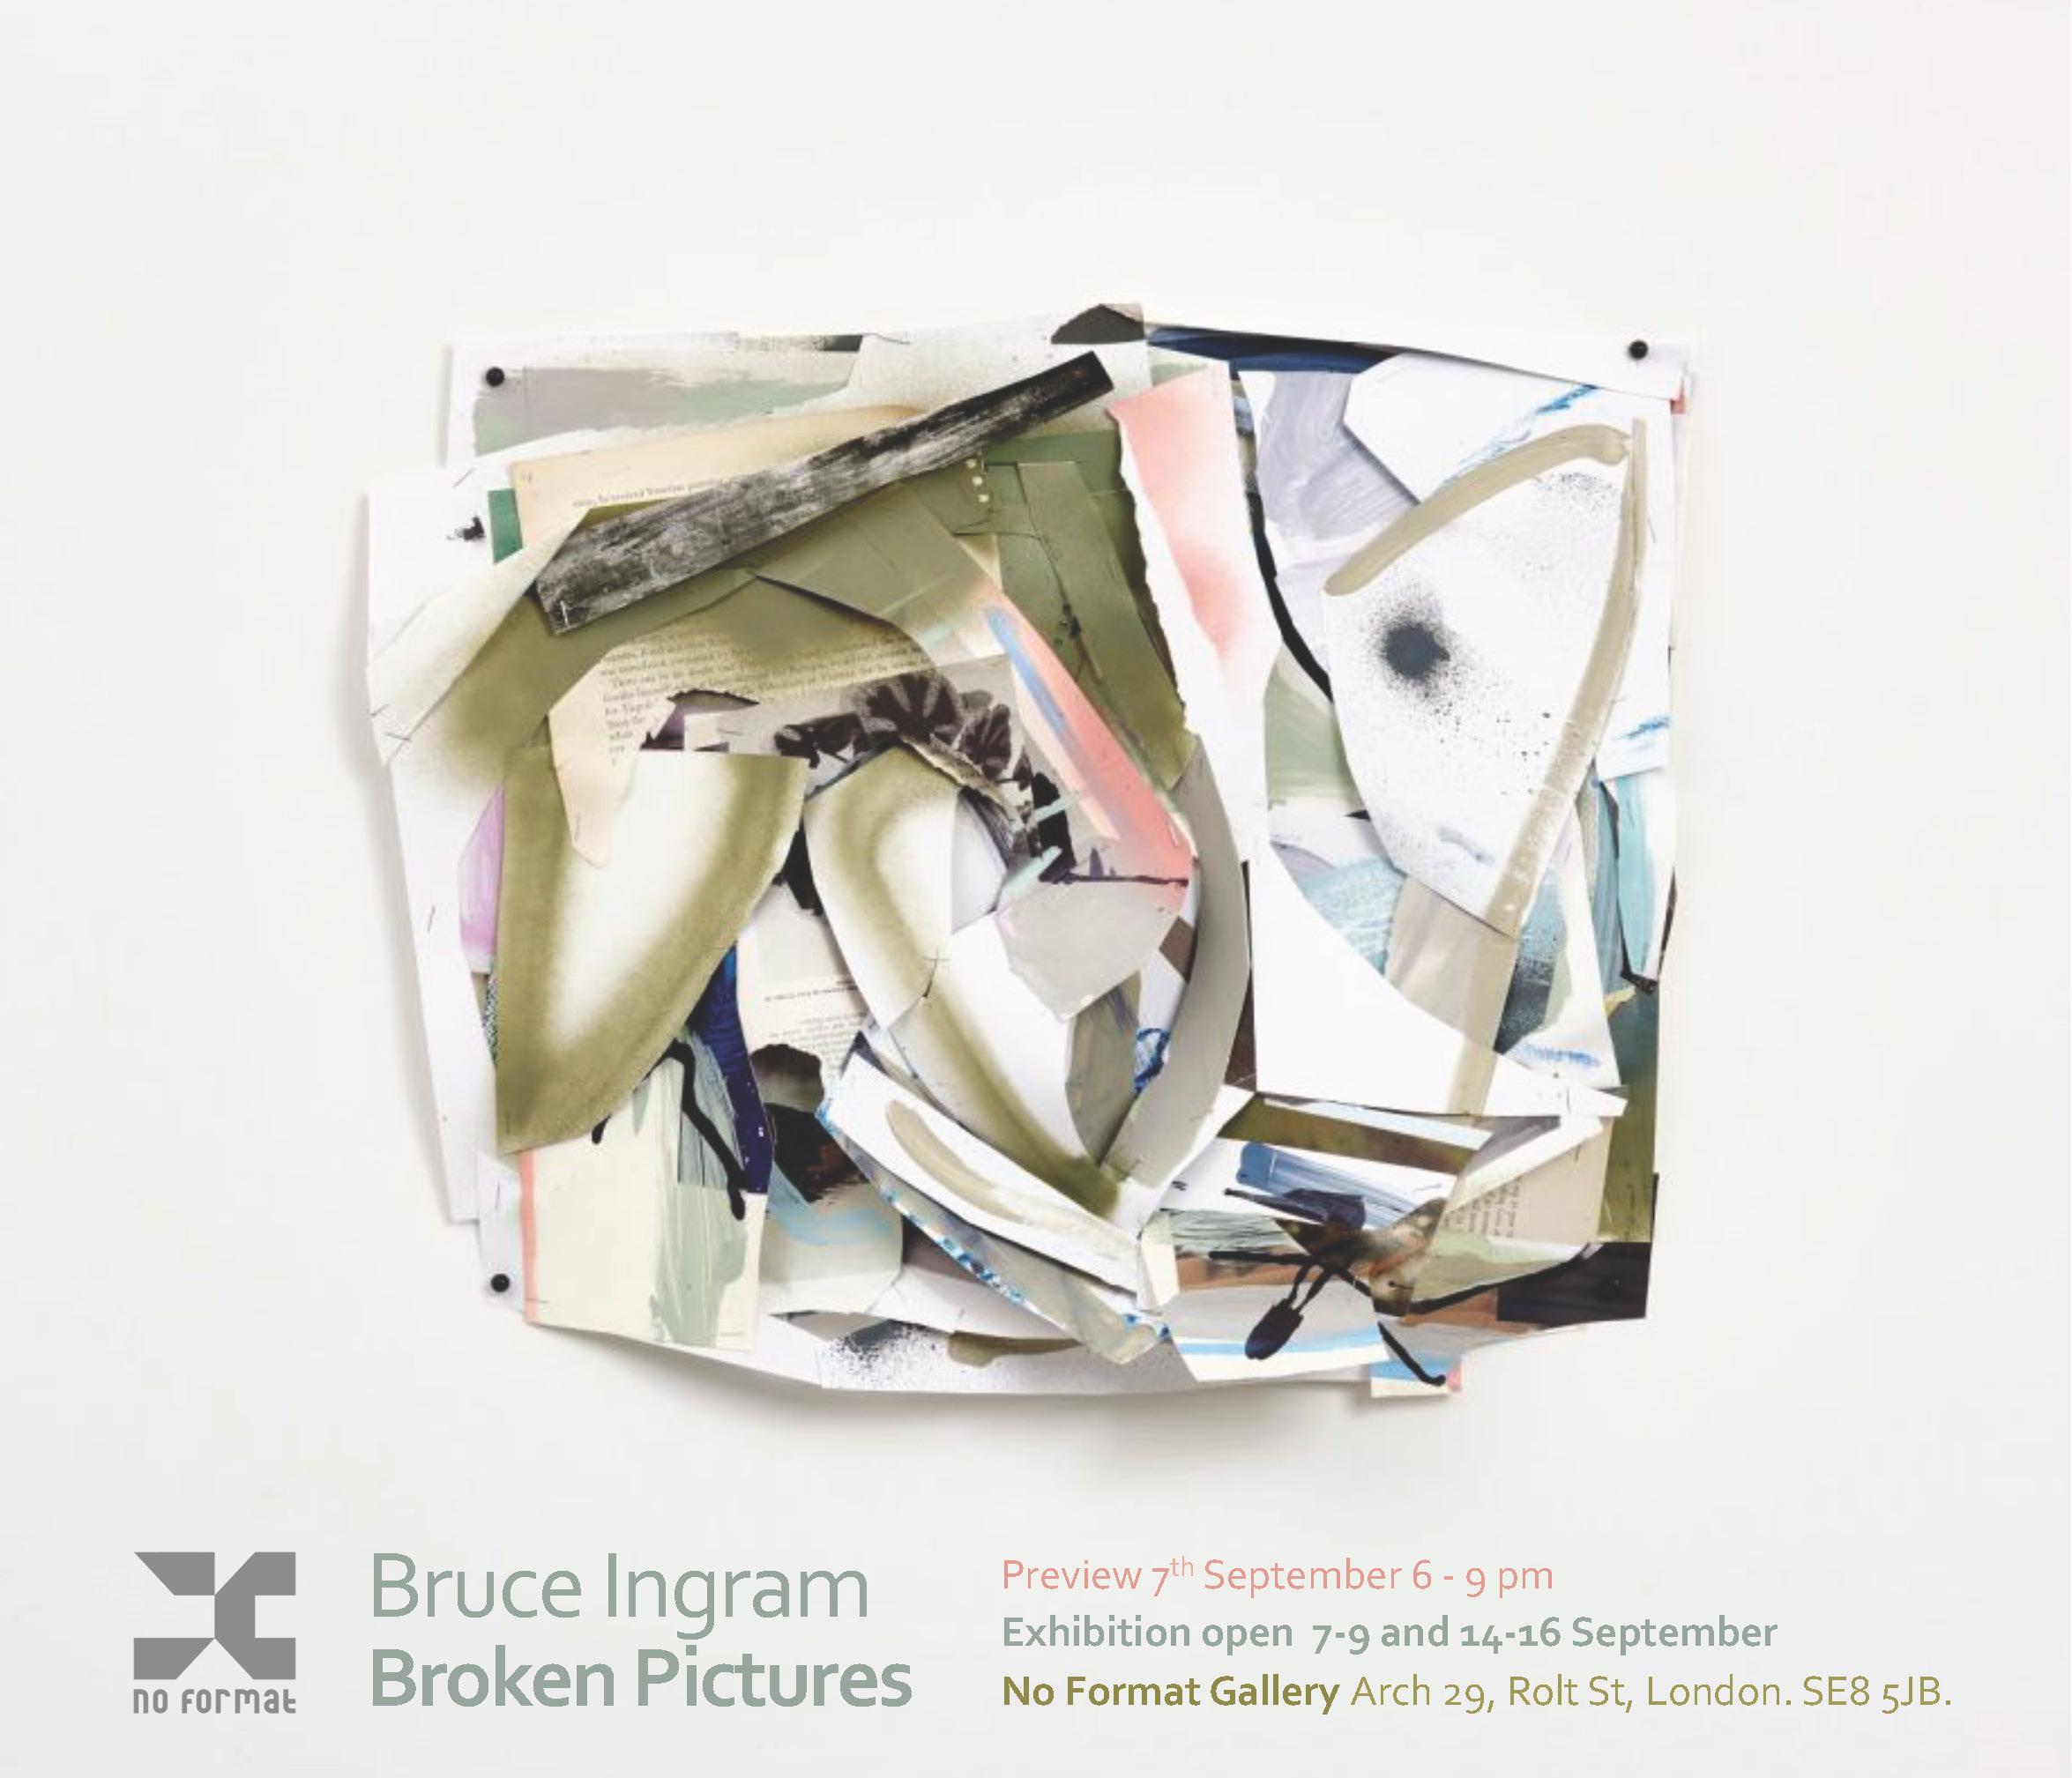 Bruce Ingram Artist